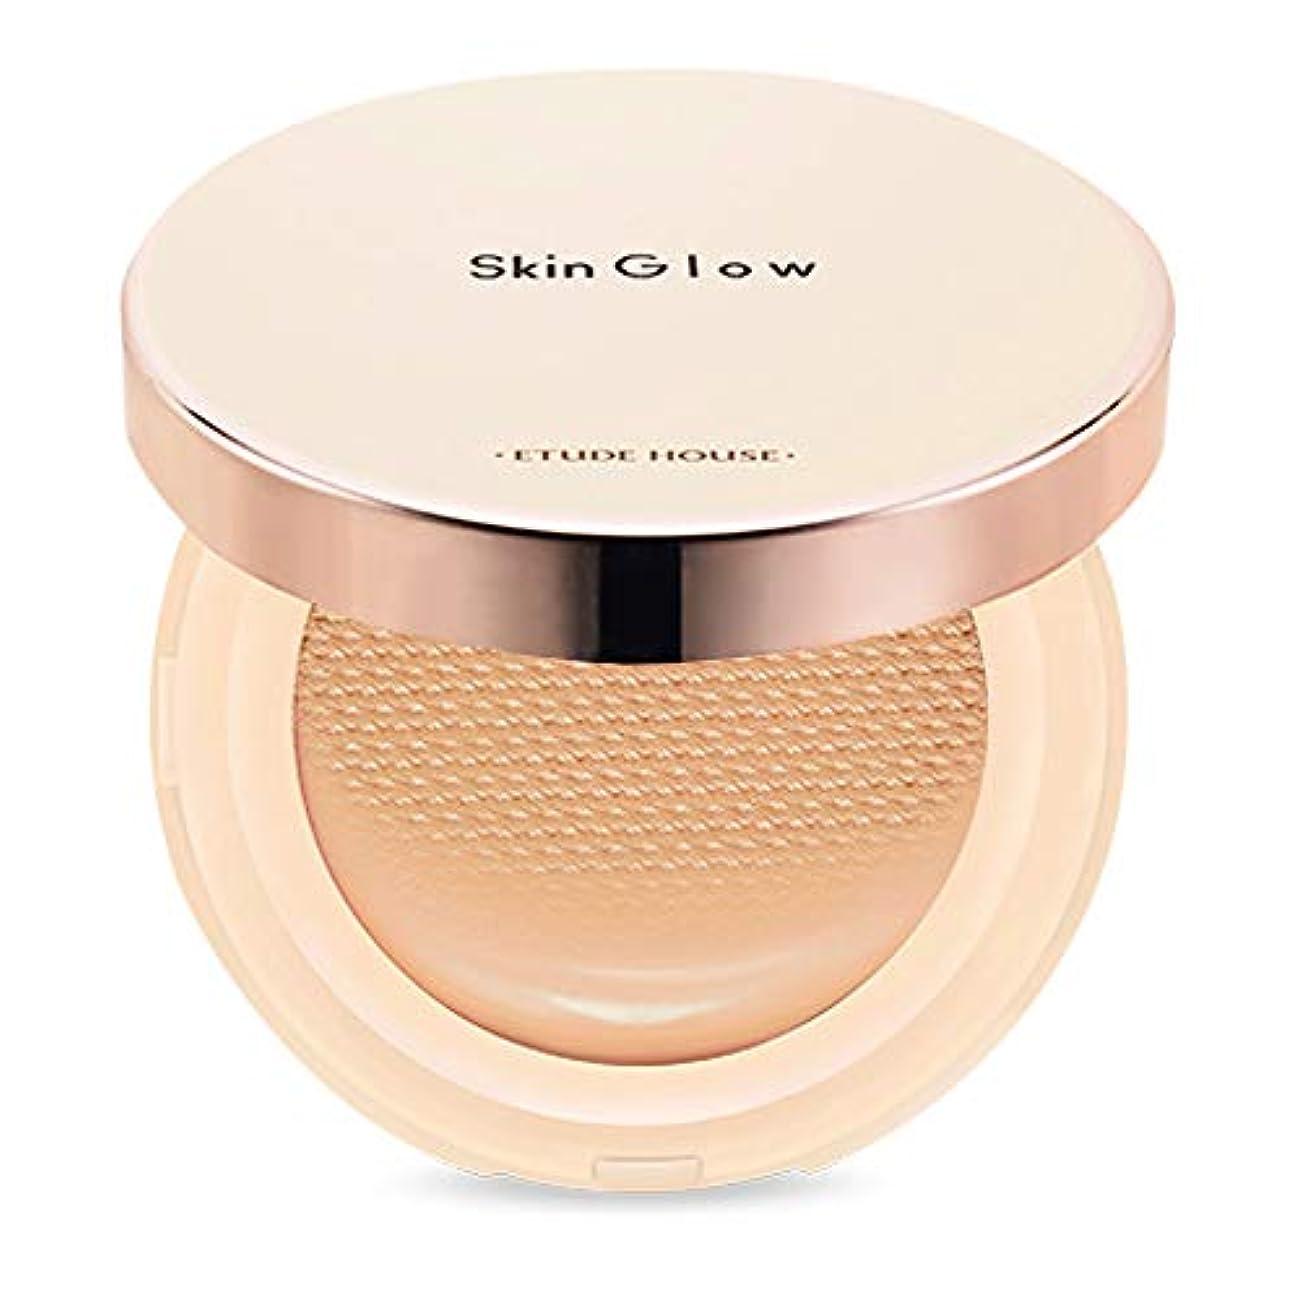 前方へタヒチマウスピースEtude House Skin Glow Essence Cushion SPF50+/PA++++ エチュードハウス スキン グロー エッセンス クッション (# N05 Sand) [並行輸入品]